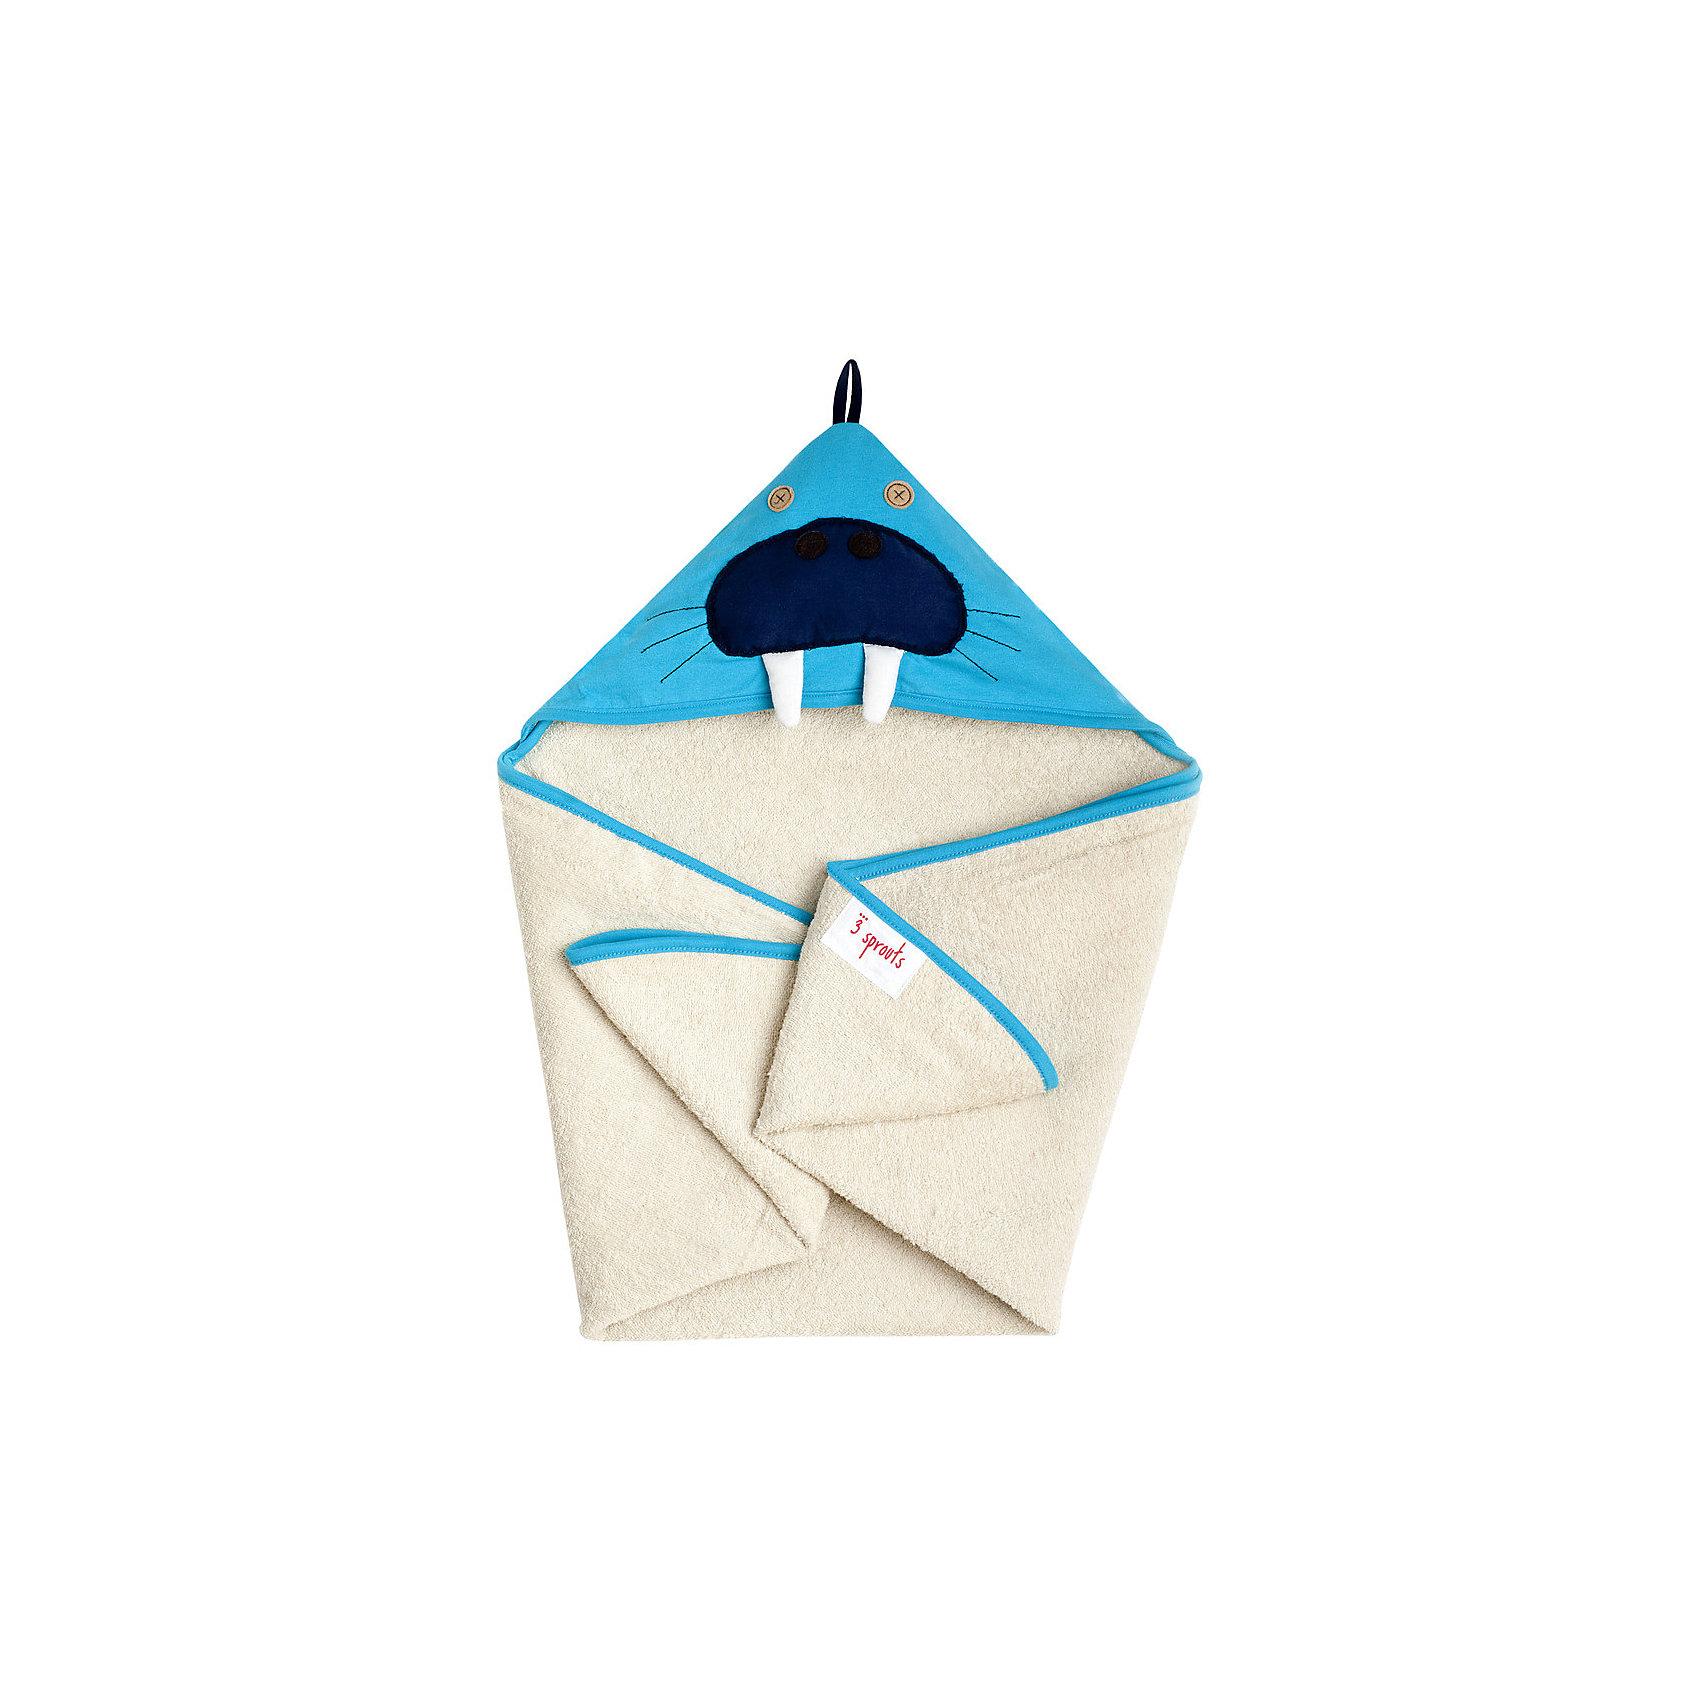 Полотенце с капюшоном Морж (Blue Walrus), 3 SproutsМилое полотенце для маленькой крохи. Махровое изнутри, а внешний слой изготовлен из 100% хлопка. <br><br>Дополнительная информация:<br><br>- Размер полотенца: 76х76 см.<br>- Материал: 100% хлопок снаружи, махровая ткань изнутри.<br>- Уход: деликатная стирка в холодной воде.<br><br>Купить полотенце с капюшоном Морж (Blue Walrus), можно в нашем магазине.<br><br>Ширина мм: 260<br>Глубина мм: 20<br>Высота мм: 330<br>Вес г: 402<br>Возраст от месяцев: 0<br>Возраст до месяцев: 18<br>Пол: Унисекс<br>Возраст: Детский<br>SKU: 5098203